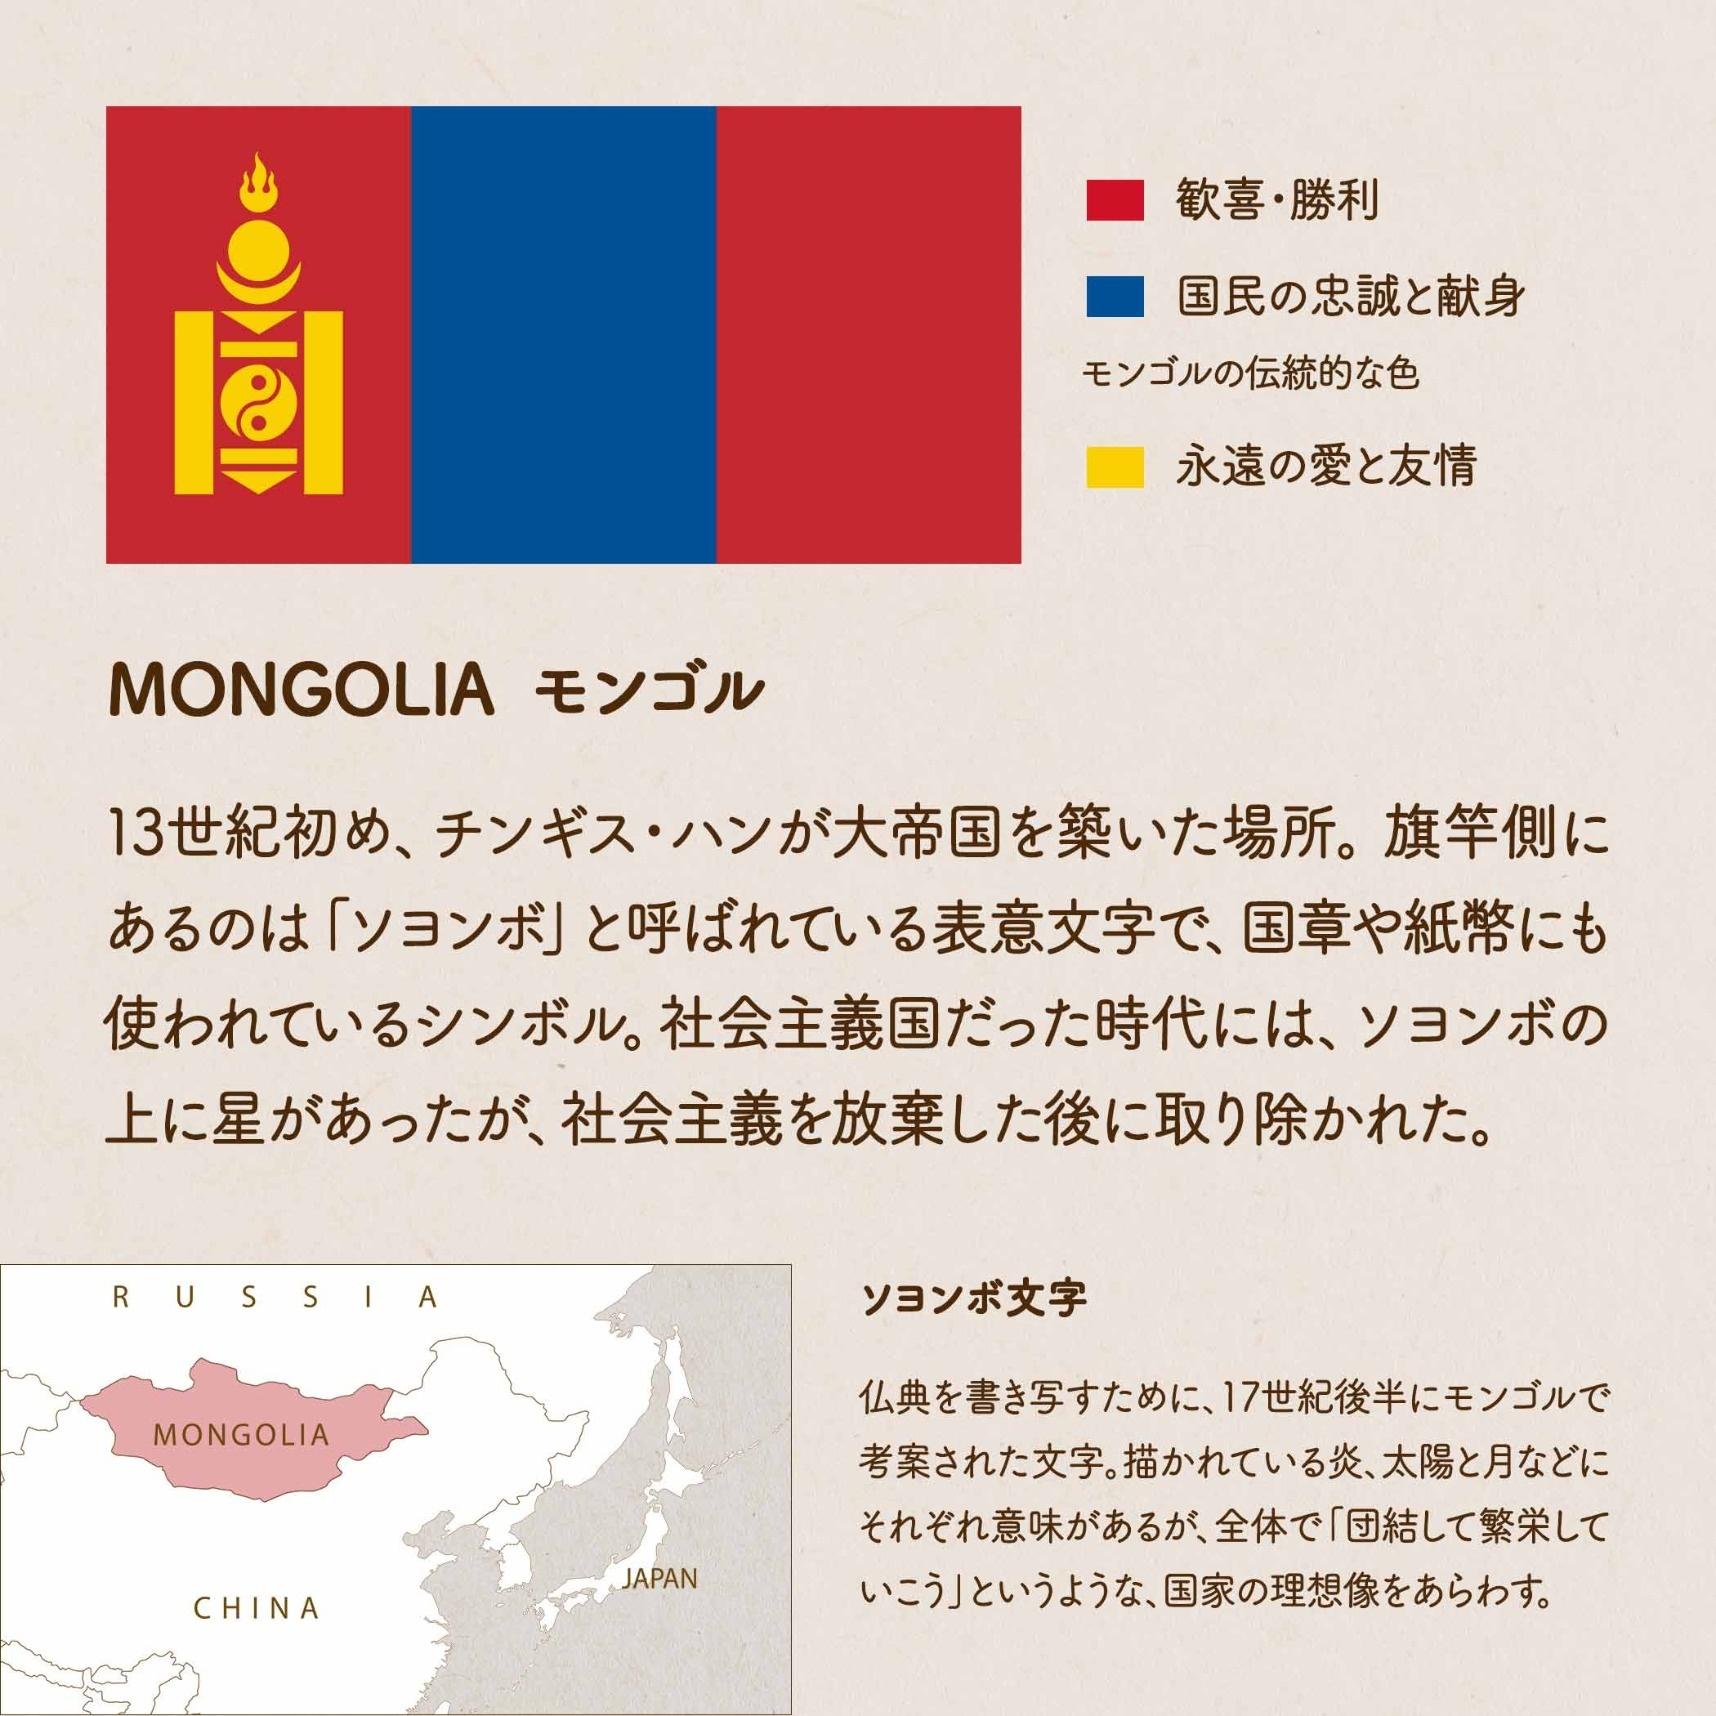 MONGOLIA モンゴル/13世紀初め、チンギス・ハンが大帝国を築いた場所。旗竿側にあるのは「ソヨンボ」と呼ばれている表意文字で、国章や紙幣にも使われているシンボル。社会主義国だった時代には、ソヨンボの上に星があったが、社会主義を放棄した後に取り除かれた。ソヨンボ文字/仏典を書き写すために、17世紀後半にモンゴルで考案された文字。描かれている炎、太陽と月などにそれぞれ意味があるが、全体で「団結して繁栄していこう」というような、国家の理想像をあらわす。赤=歓喜・勝利 青=国民の忠誠と献身、モンゴルの伝統的